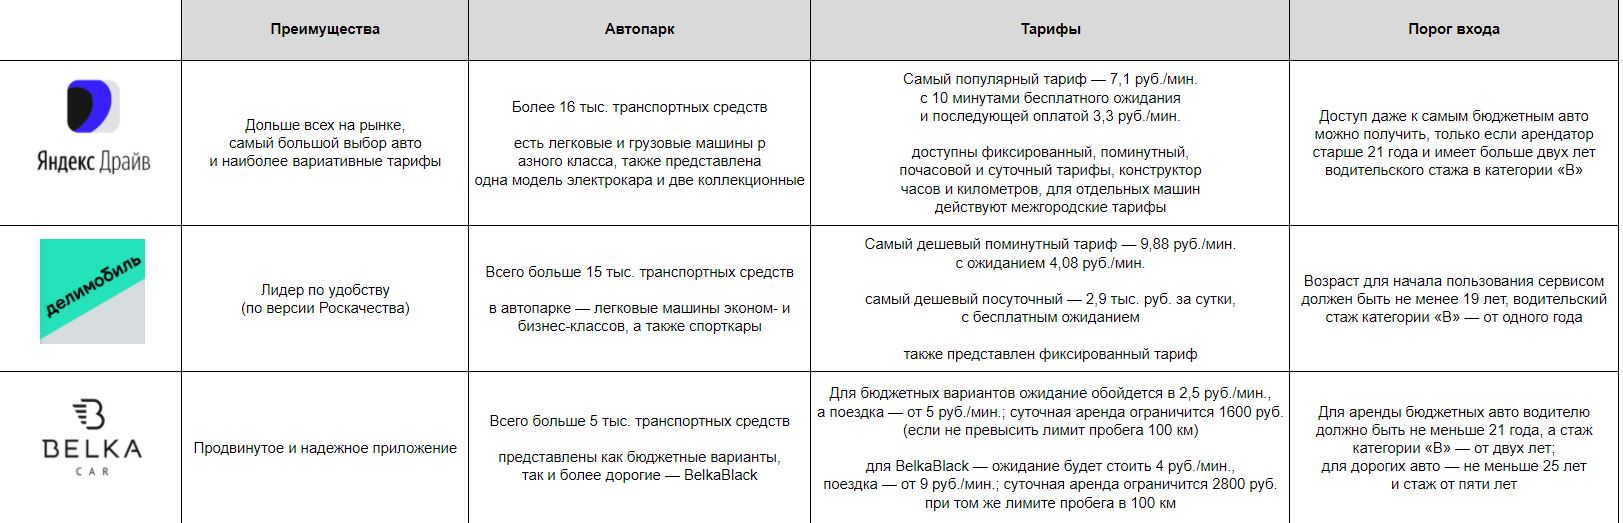 сравнение каршерингов